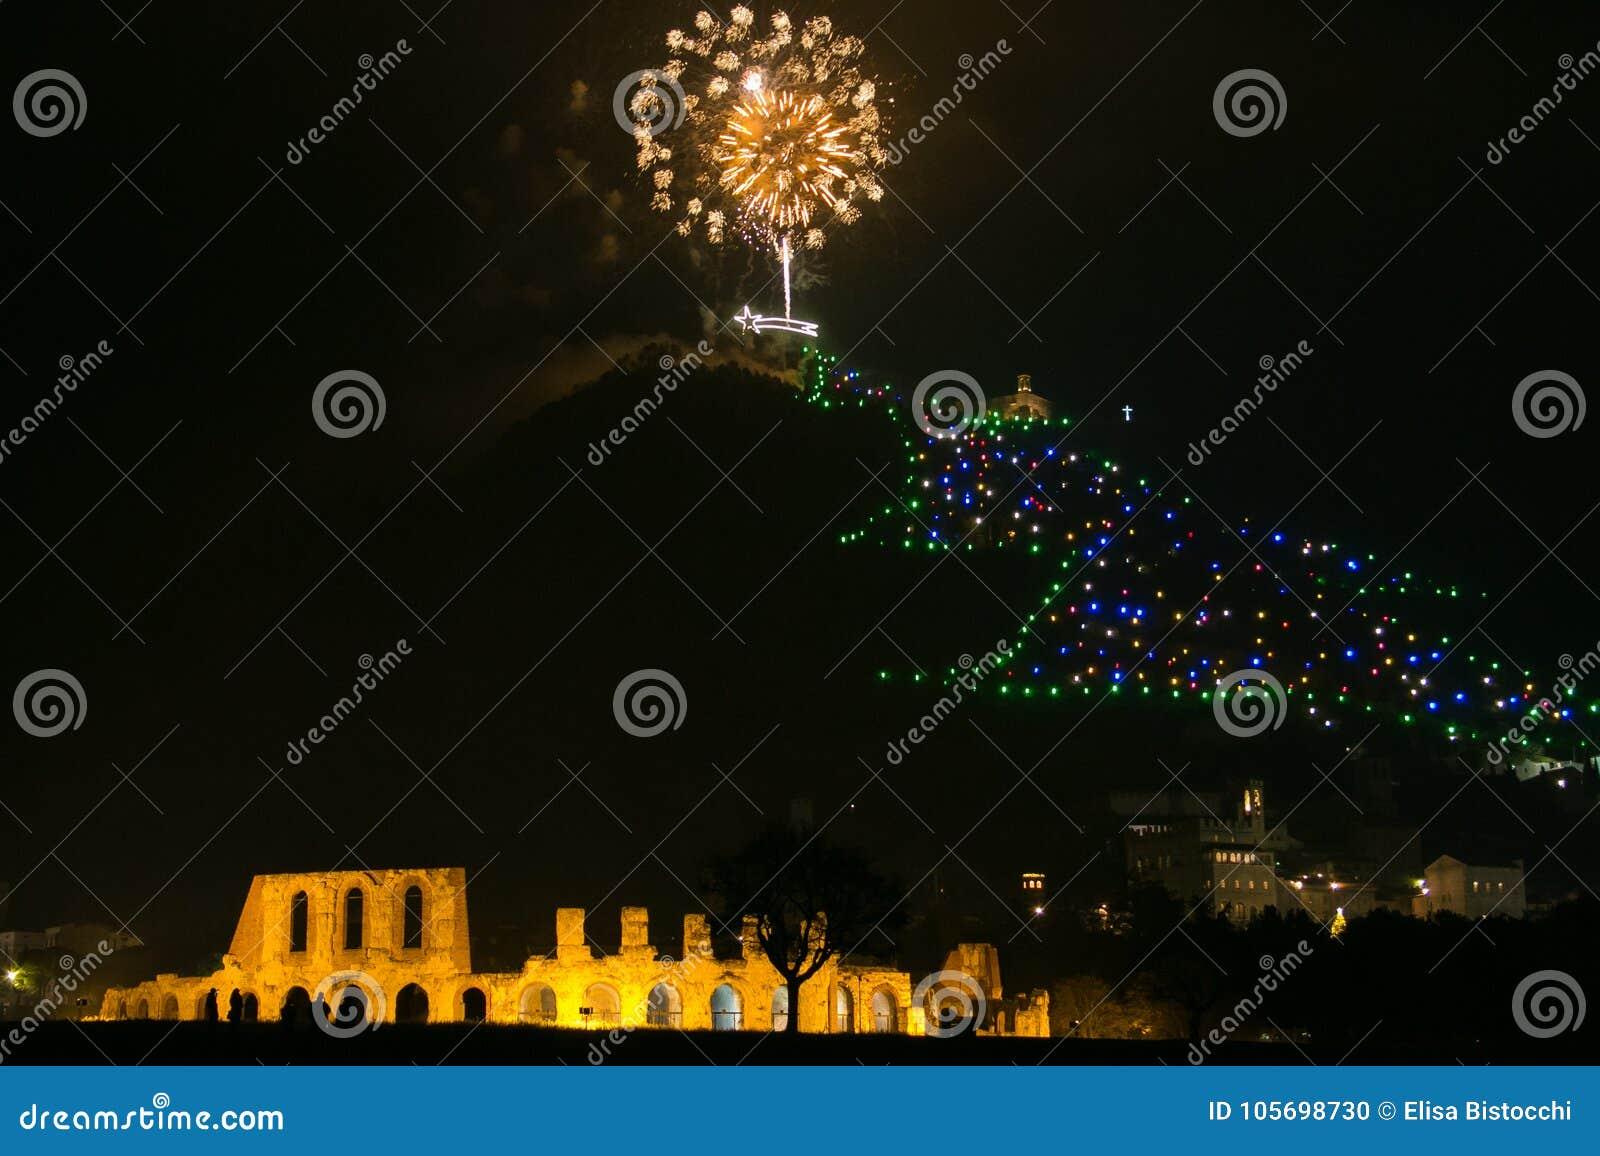 Albero Di Natale Gubbio.Fuochi D Artificio Sopra L Albero Di Natale Di Gubbio In Umbria